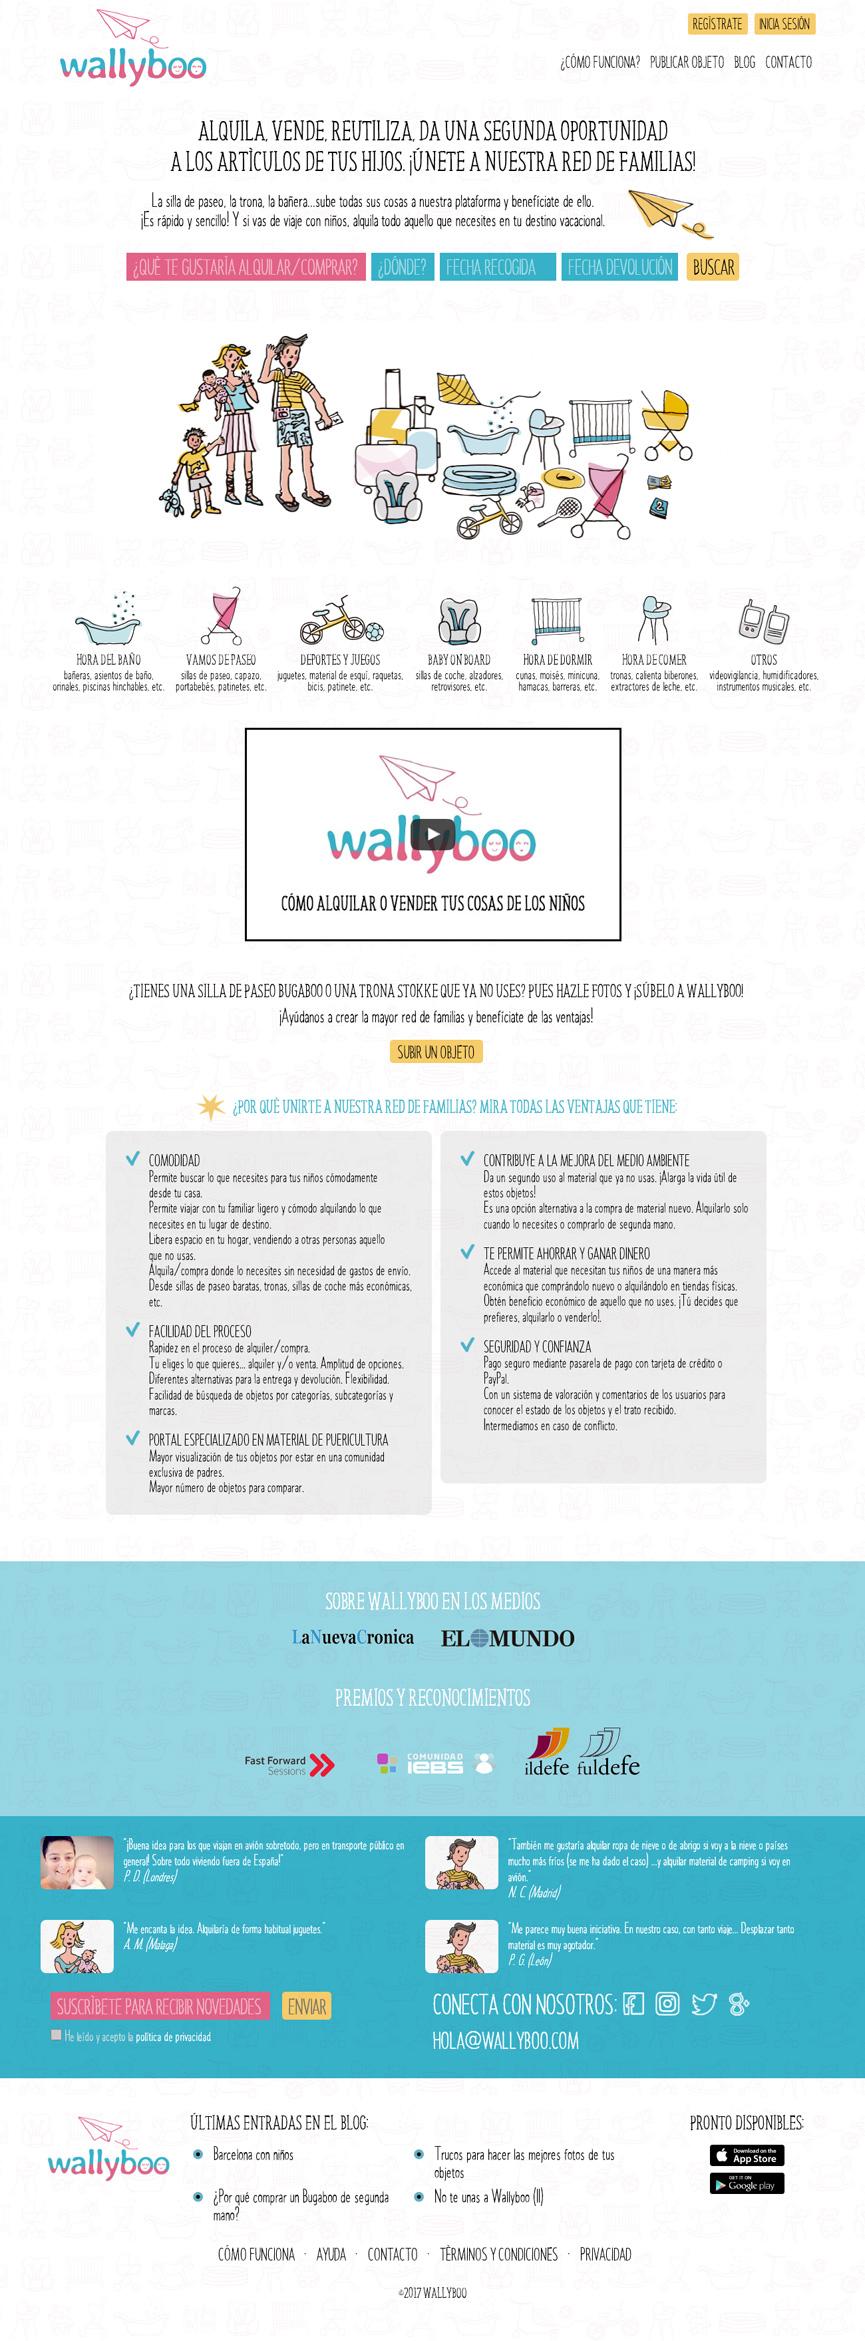 Página princial de wallyboo. Plataforma para el alquiler y venta de objetos de segunda mano de niños y bebés